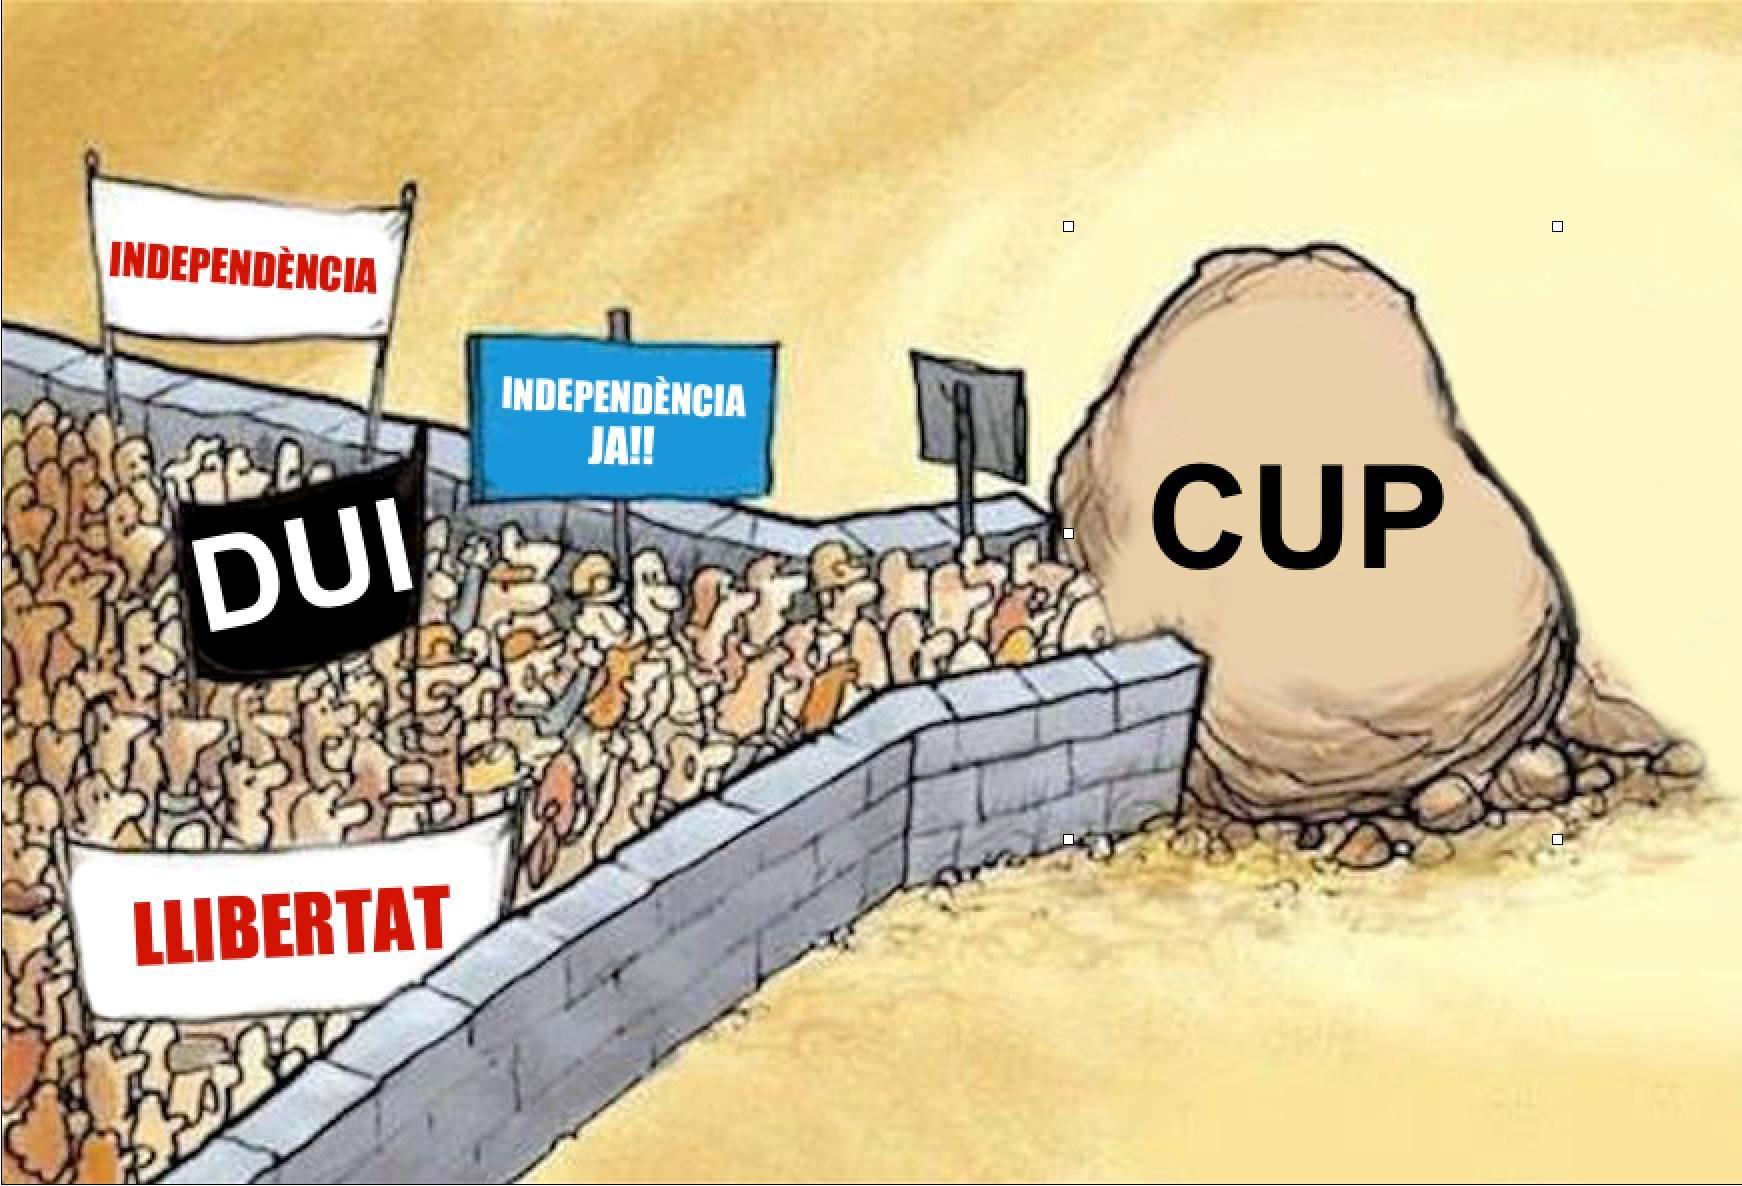 Un dels 'memes' que més ha corregut per les xarxes sobre l'actitud de la CUP.